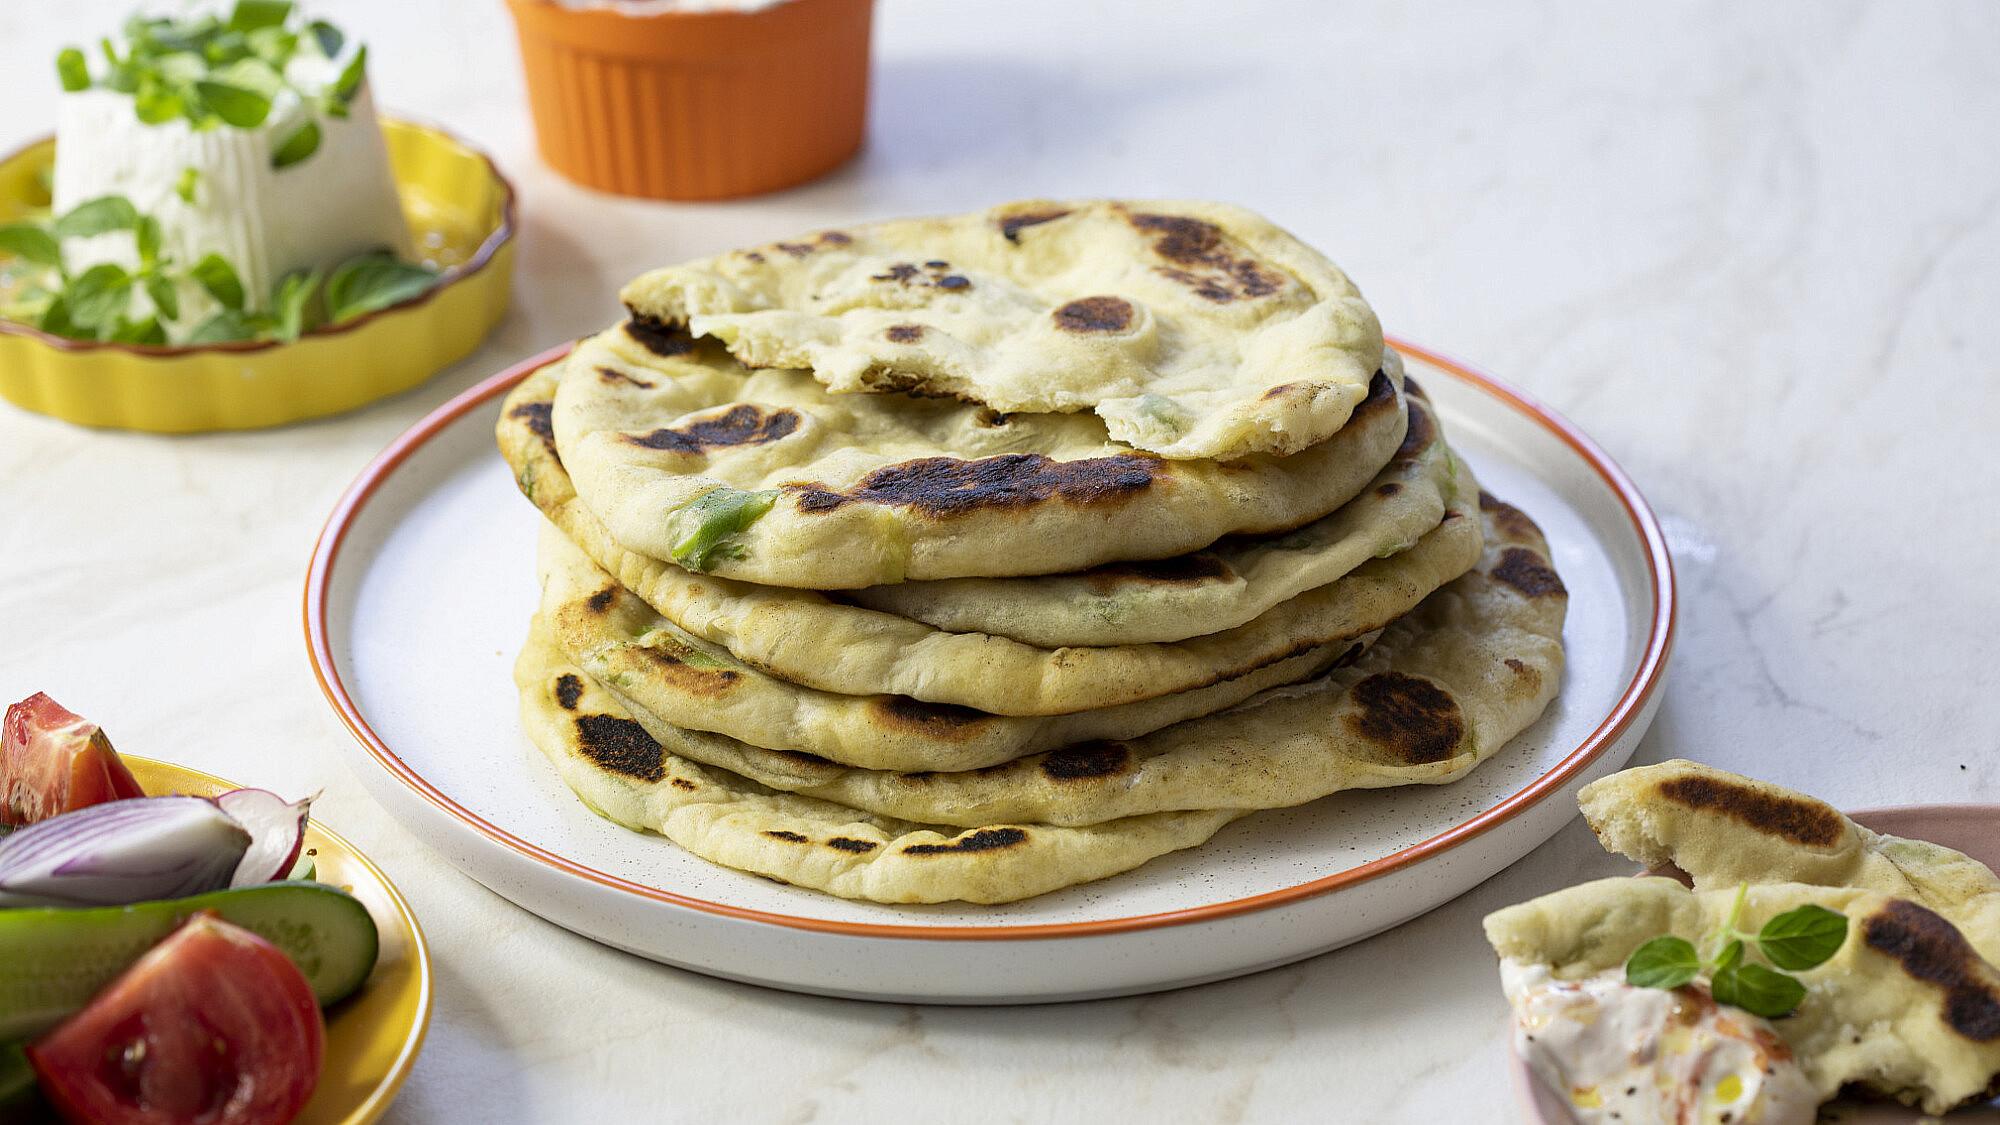 בזלמה - פיתות מחבת טורקיות שף: יוגב ירוס צילום: דן לב, סטיילינג: גיא כהן